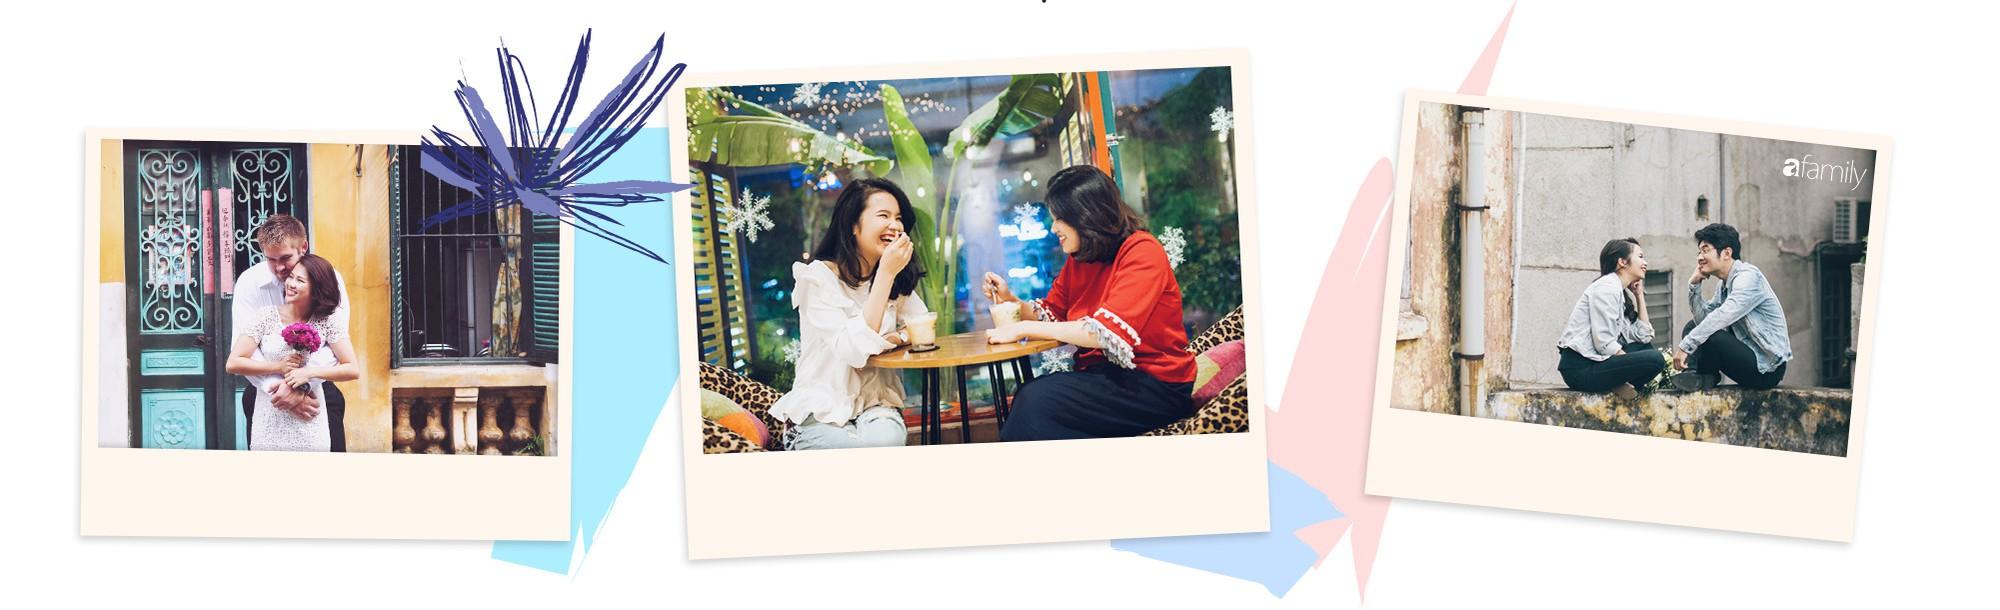 """Hai nàng Beauty blogger Loveat1stshine: """"Lên chức mẹ trẻ khó lắm, nhưng chúng mình đã thành công!"""" - Ảnh 4."""